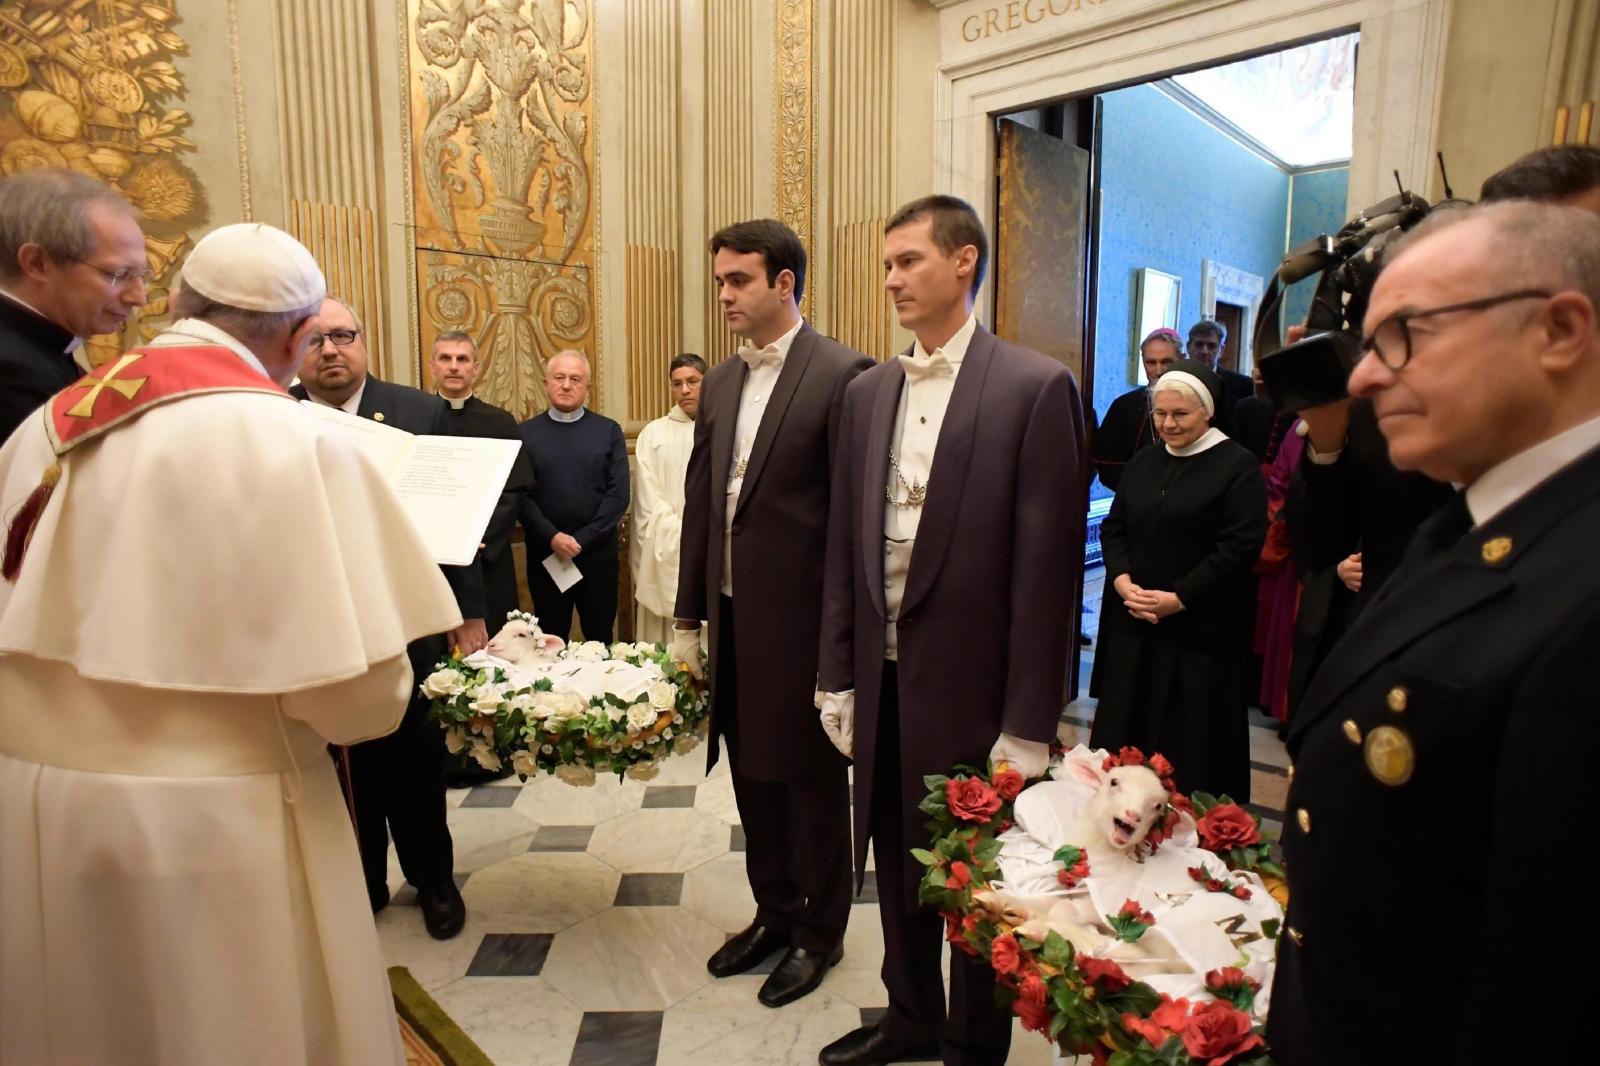 Na święto św. Agnieszki przyniesiono do papieża dwa pobłogosławione baranki. Fot. PAP/EPA/OSSERVATORE ROMANO